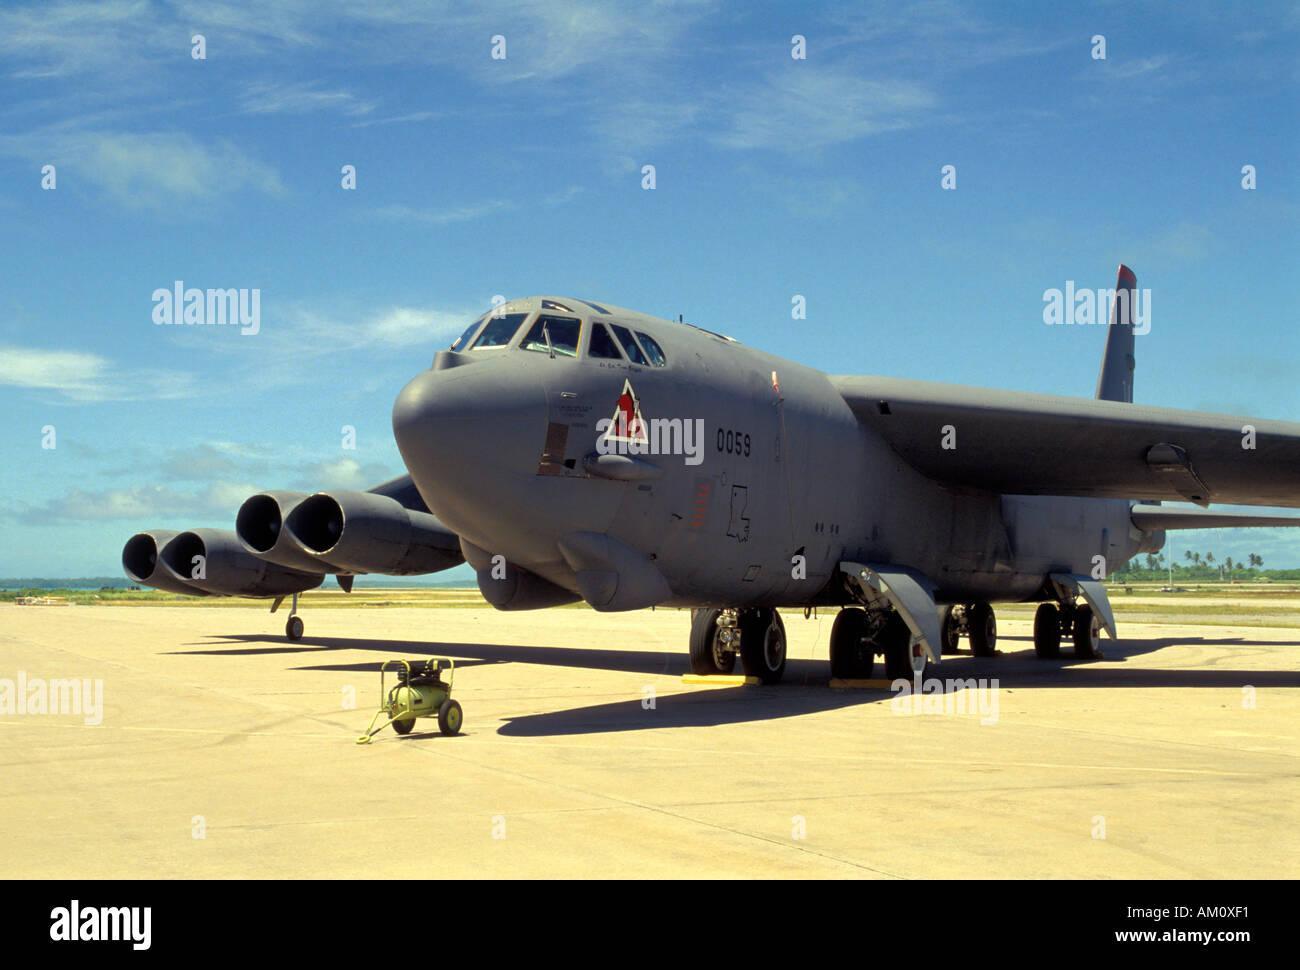 Boeing B52 Bomber - Stock Image